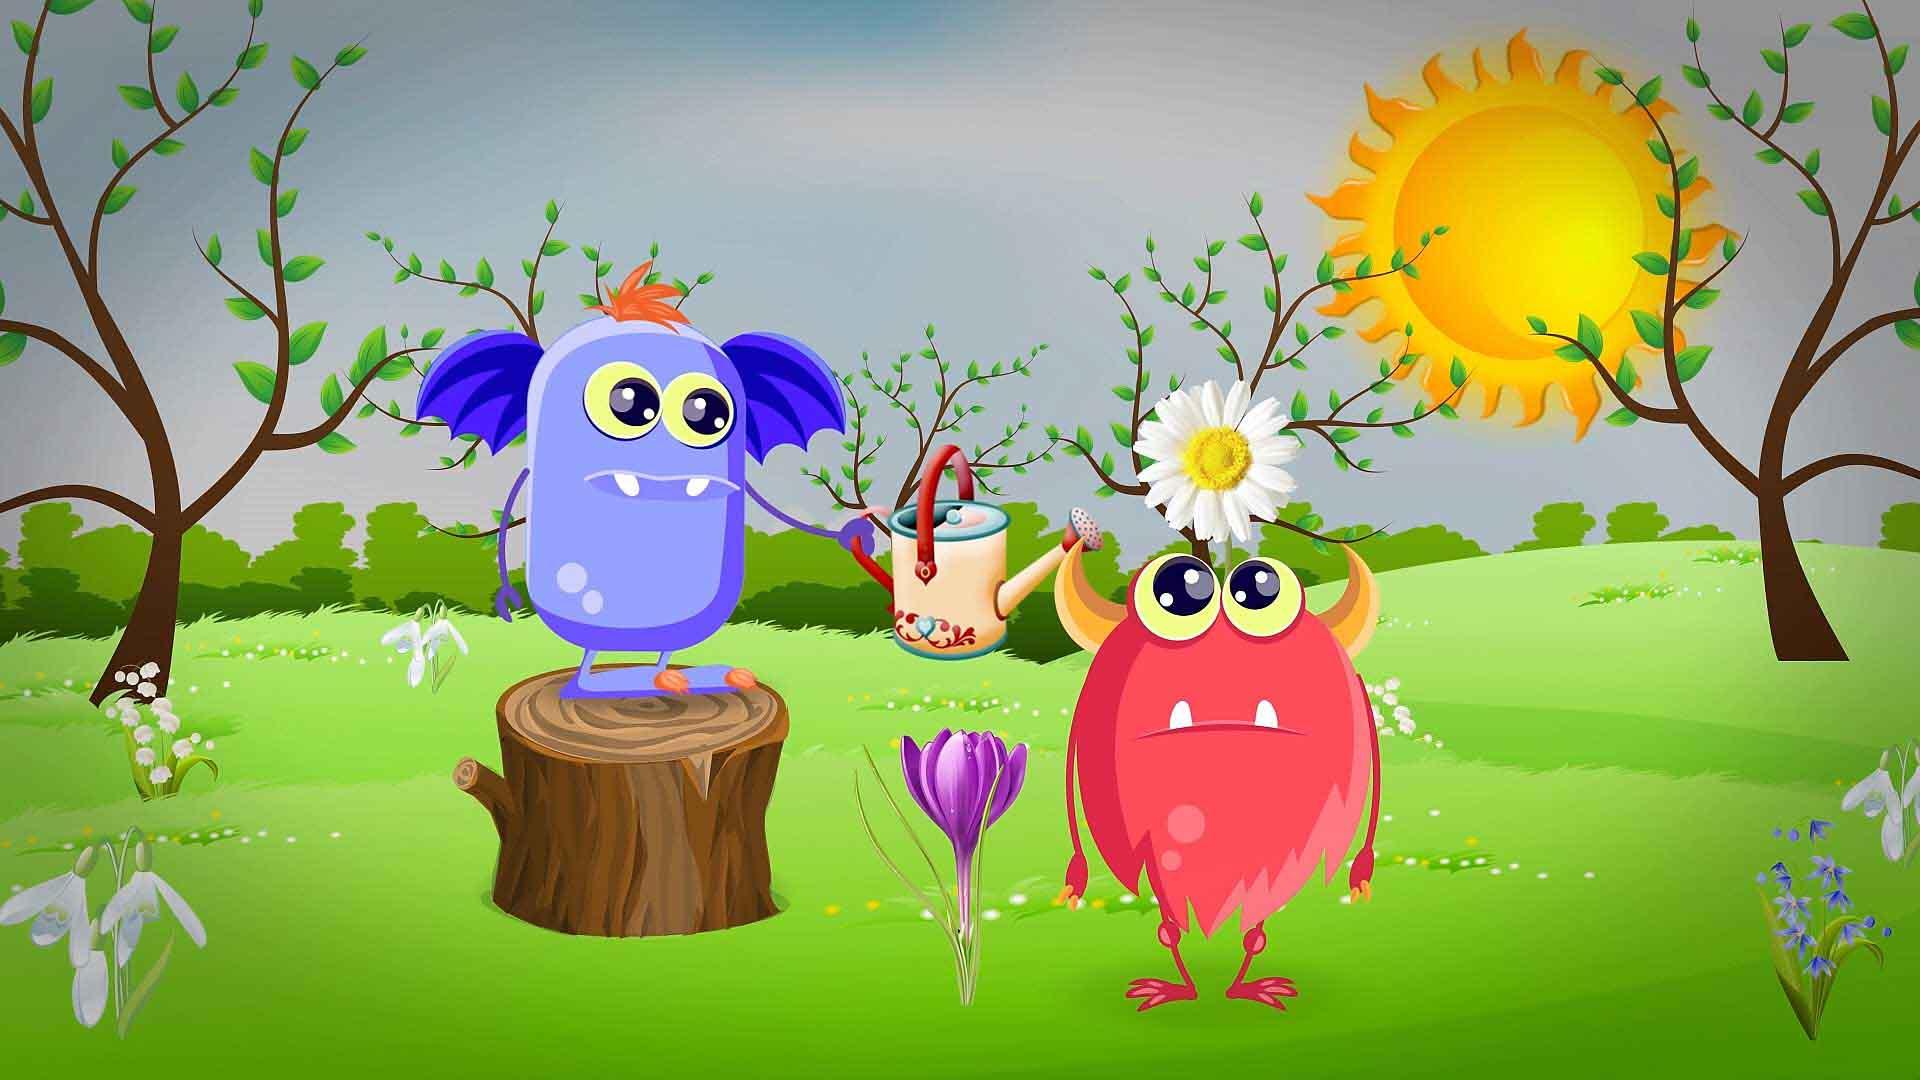 видеооператор на весенний утренник в детский сад, видеосъемка весеннего утренника